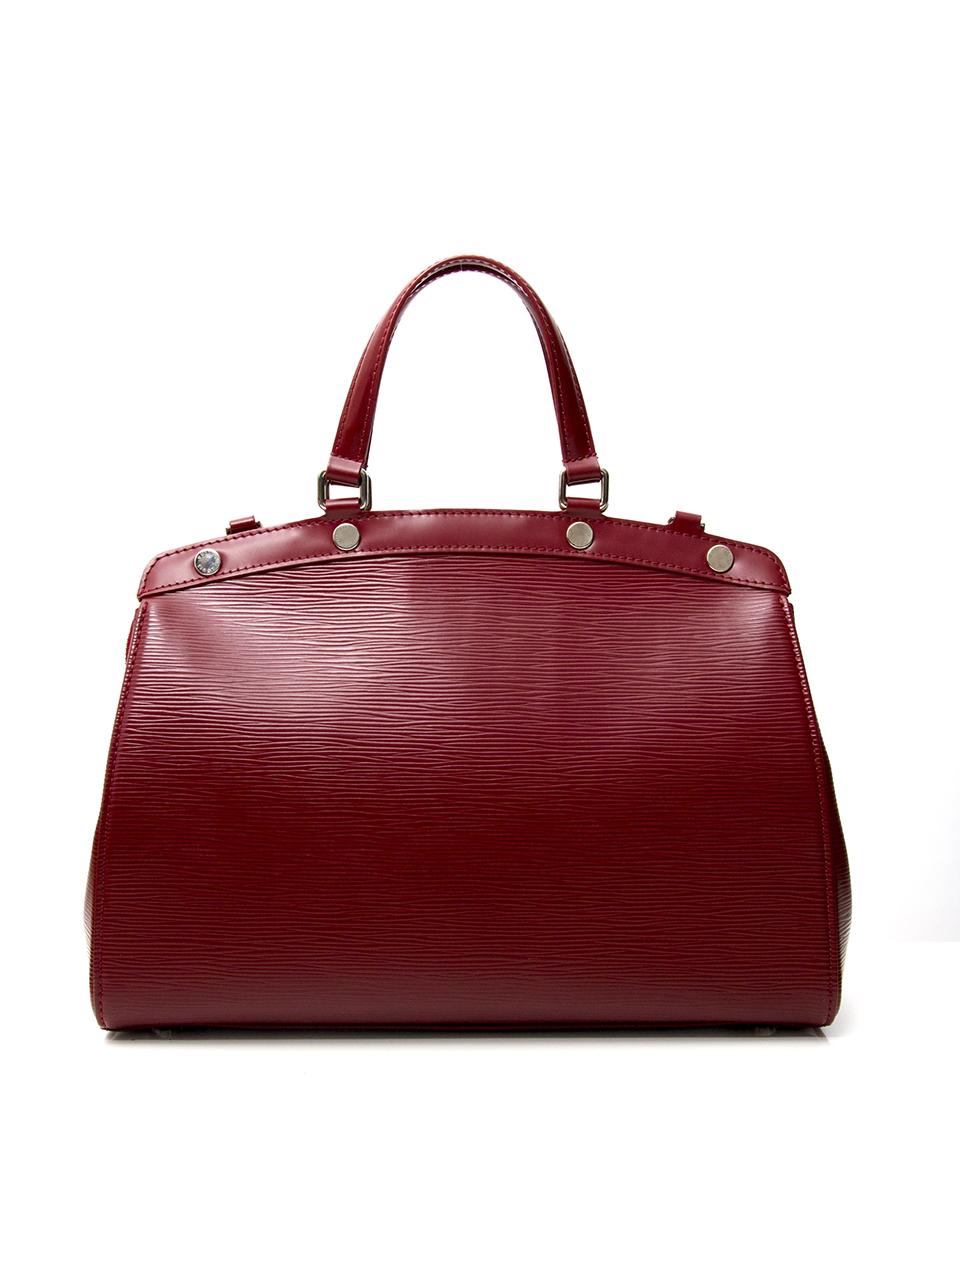 Labellov Buy safe Delvaux designer vintage online. Vind tweedehands ... da334fe5346b6